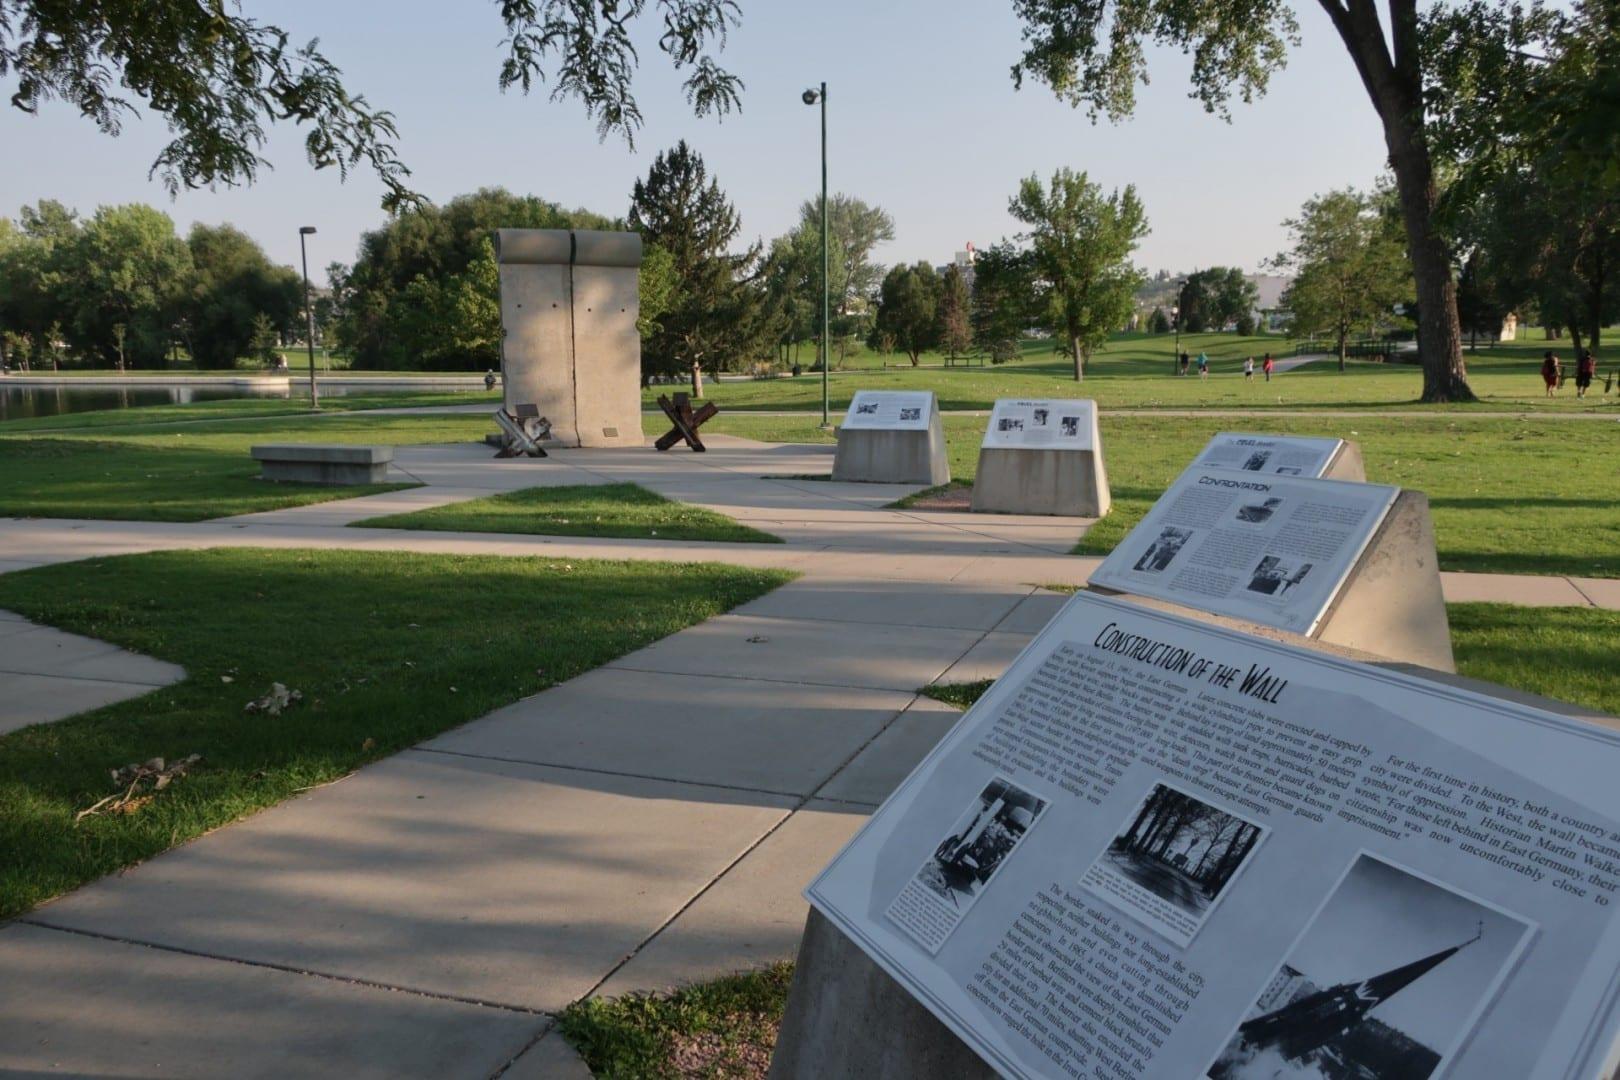 Exposición sobre el Muro de Berlín en el Parque Memorial Rapid City SD Estados Unidos